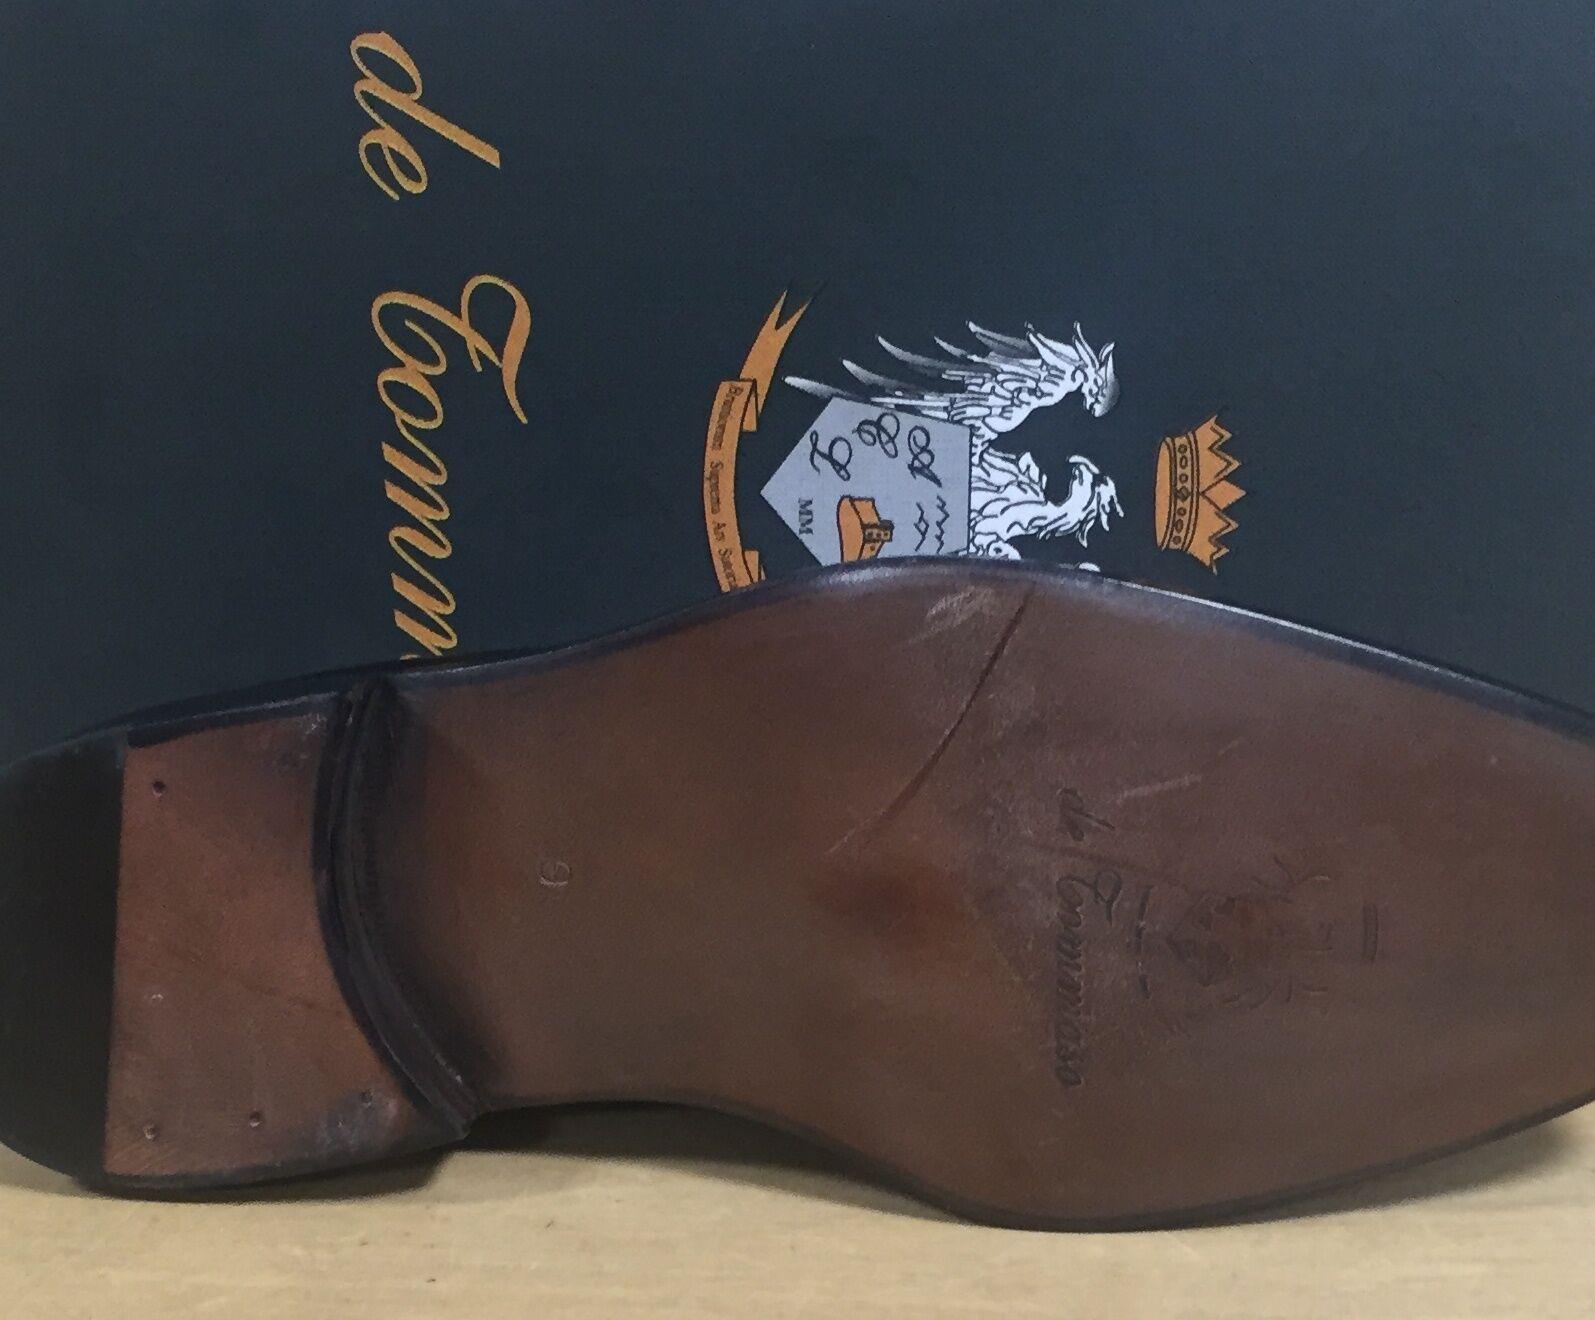 Thomas Herrenschuhe made in italy von ausgezeichnet Herstellung aus echtem Leder